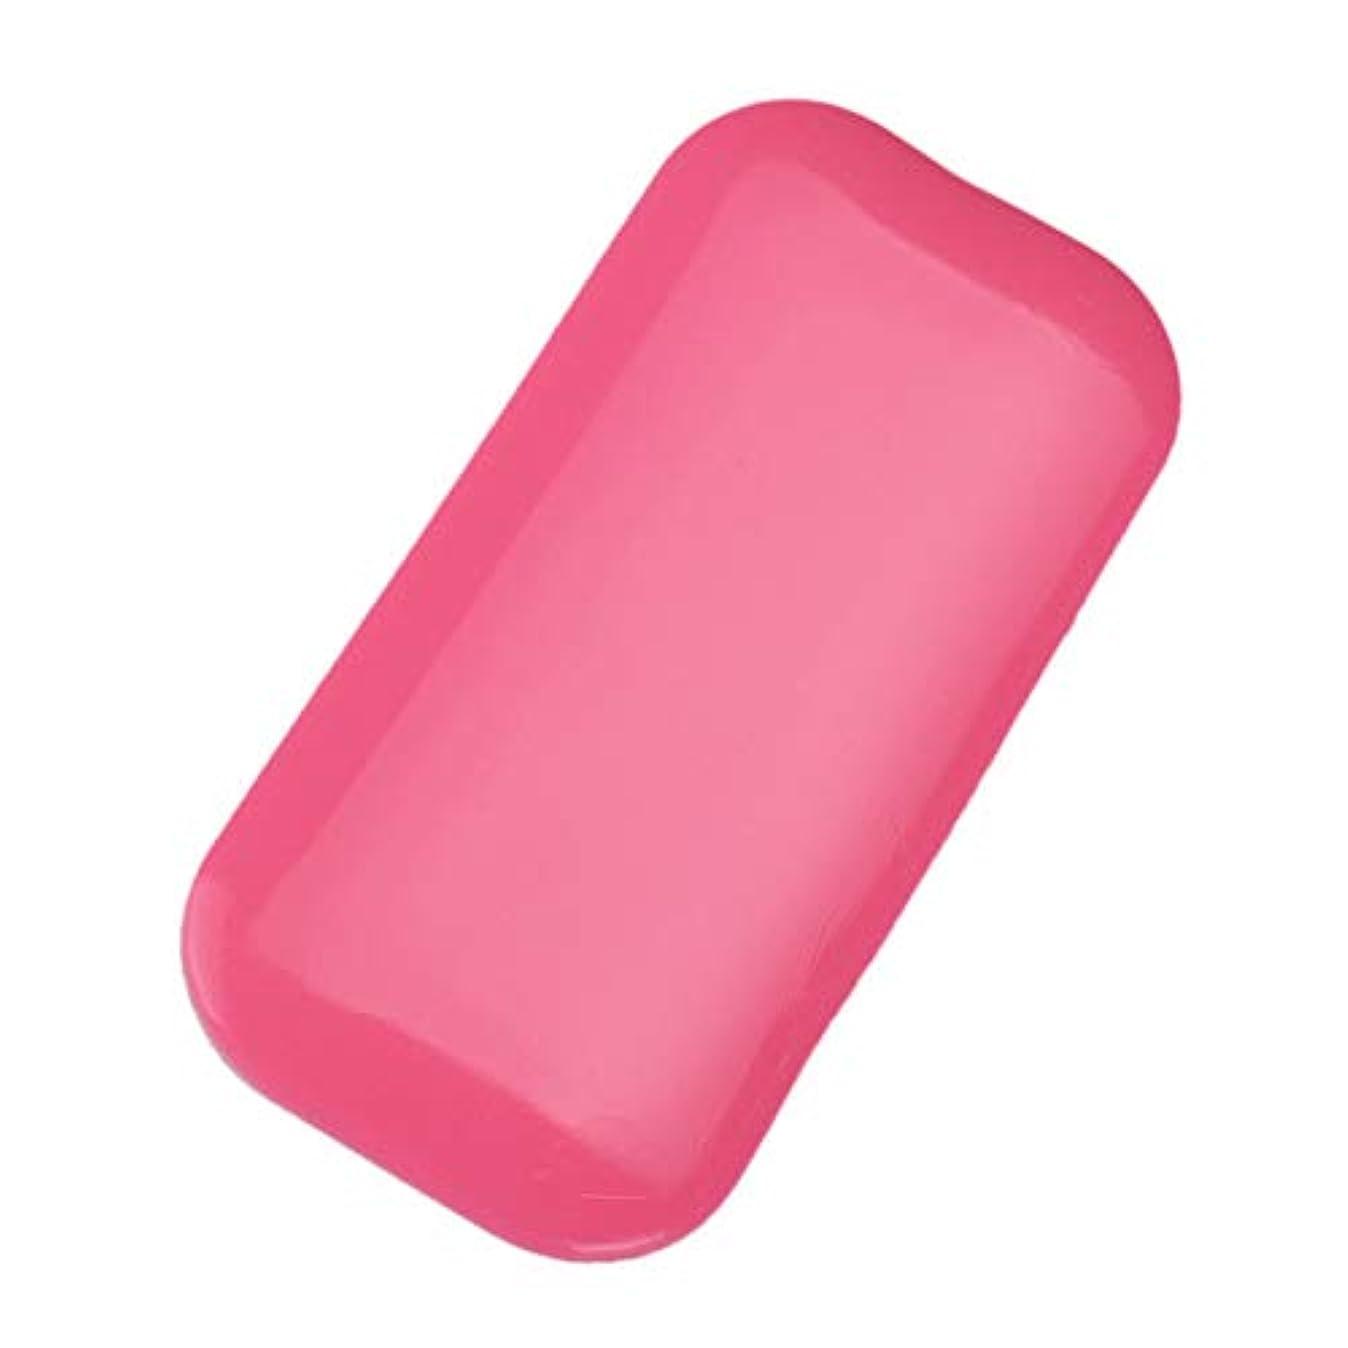 うめき声ブリッジ滅多化粧品のシリコーンの再使用可能なまつげのパッドパレット立場??は緩い延長をします